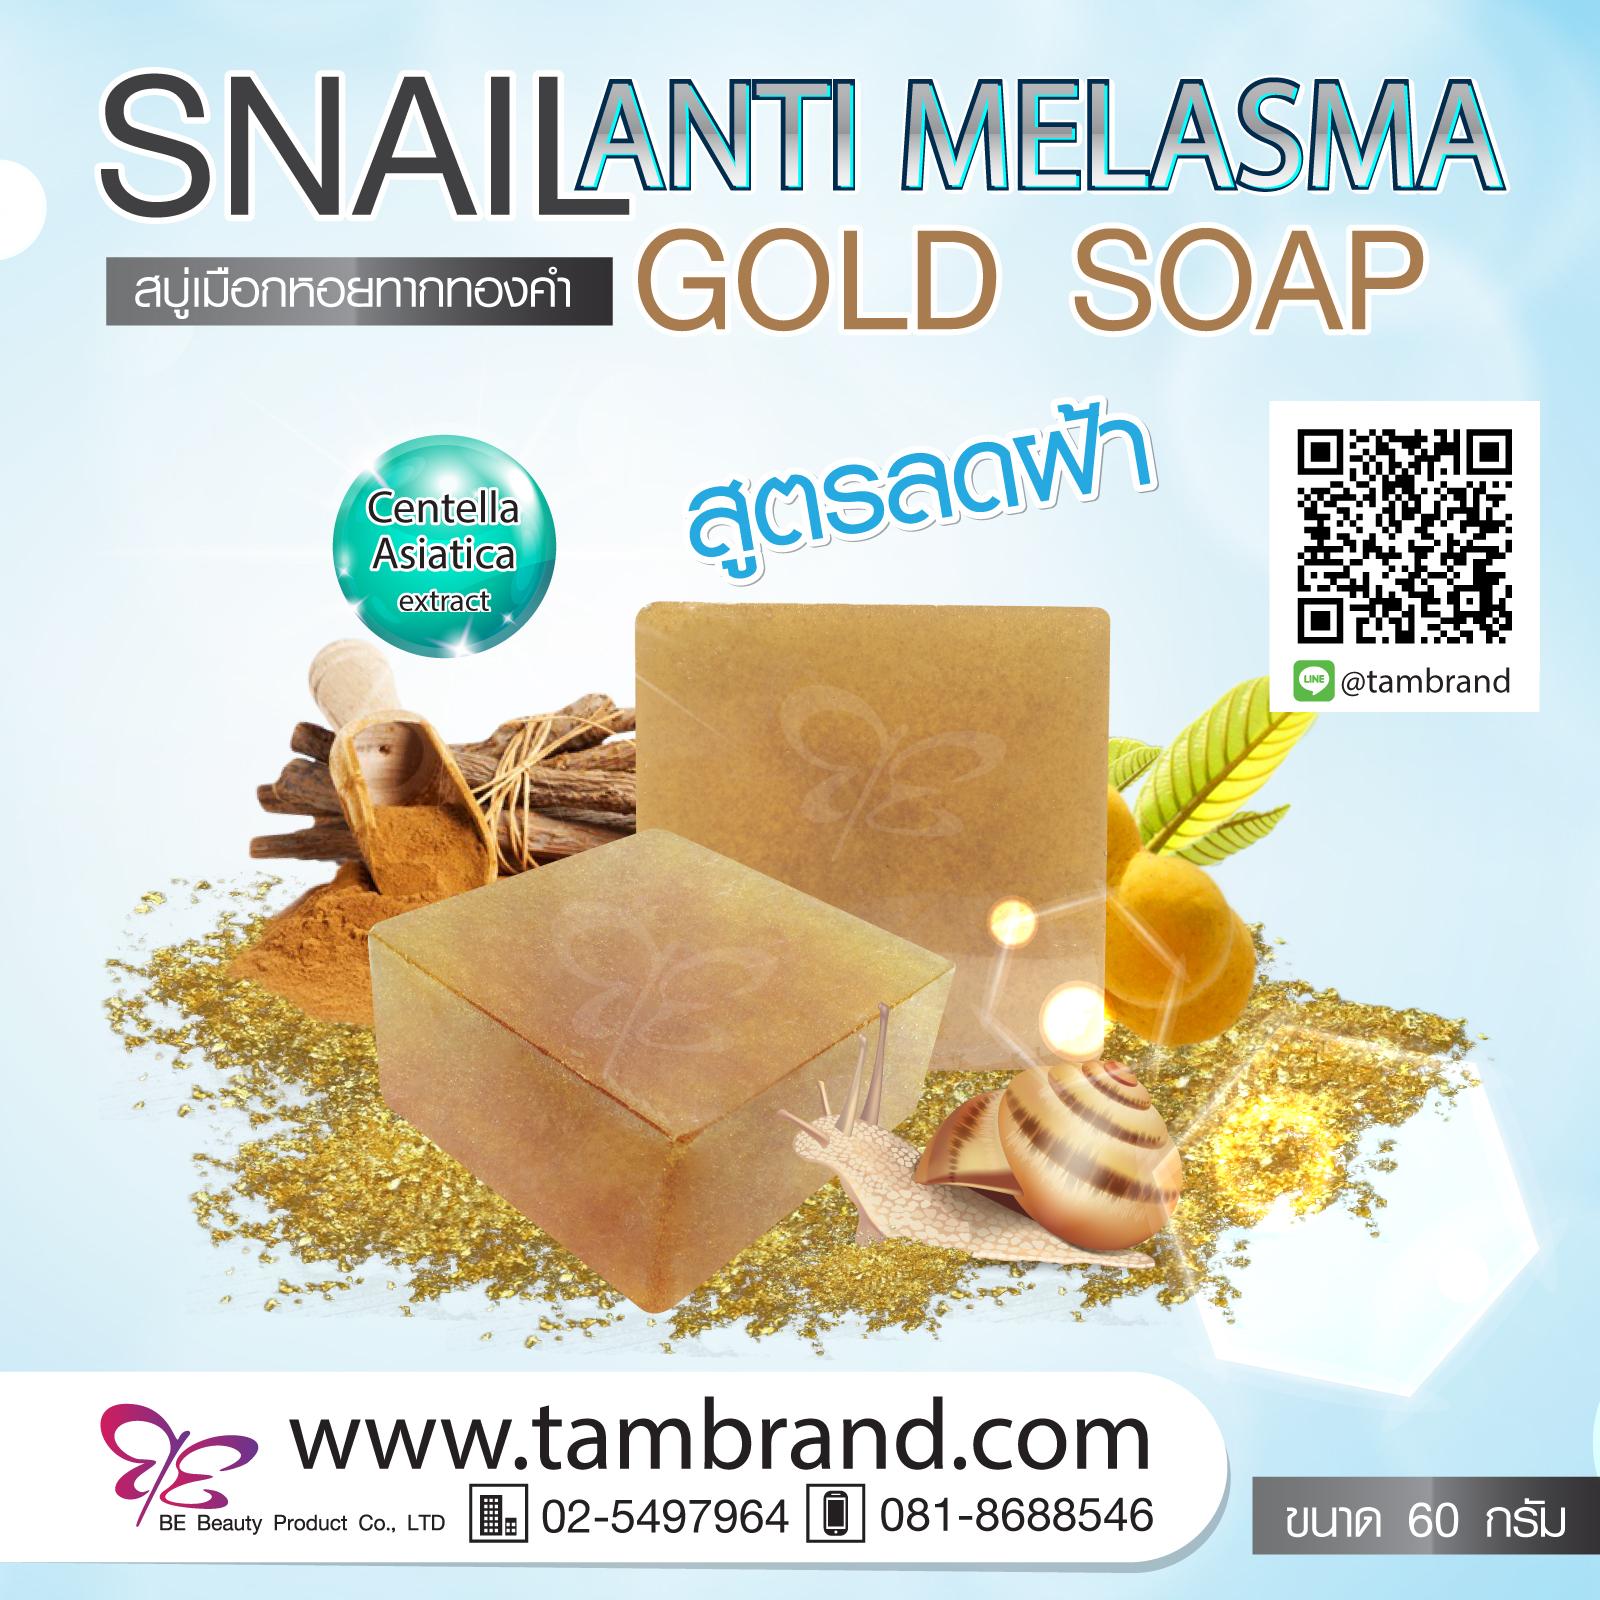 สบู่เมือกหอยทากทองคำ สูตรลดฝ้า Snail Anti Melasma Gold Soap ขนาด 60 กรัม